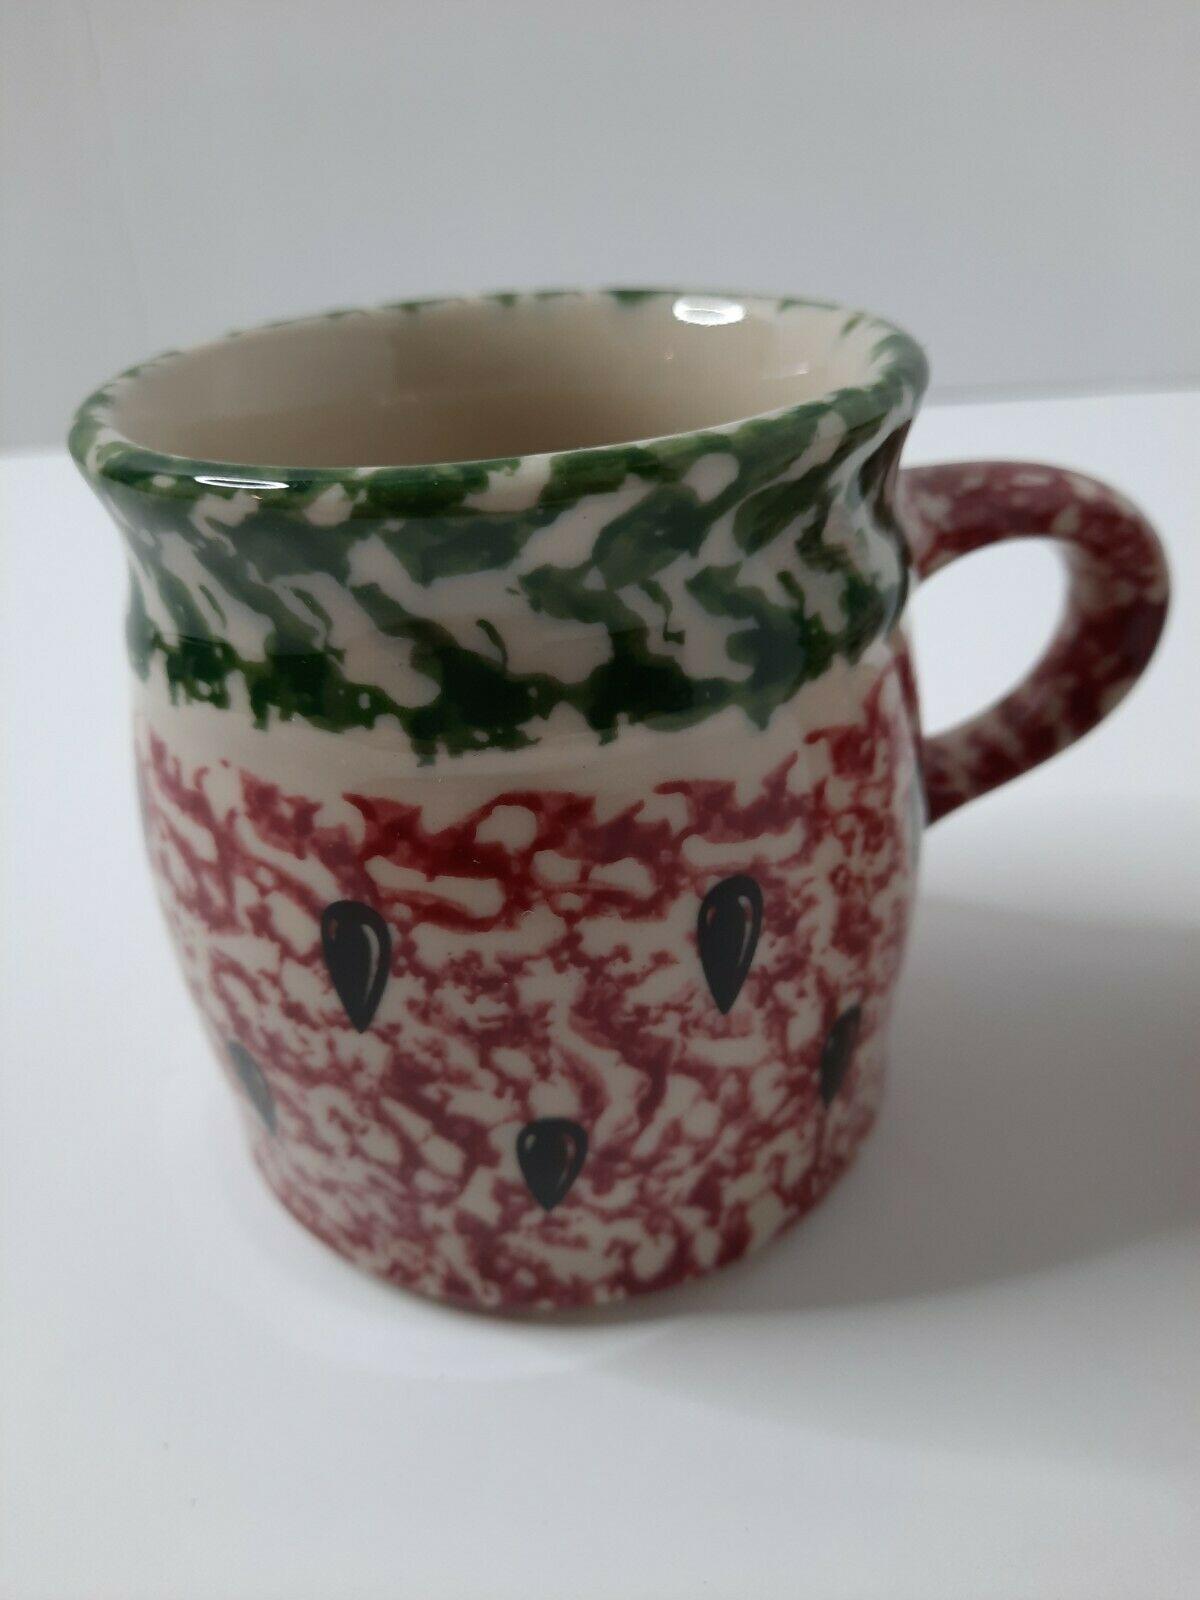 Roseville Pottery Gerald E Henn Watermelon Red and Green Spongeware Mug - $24.99